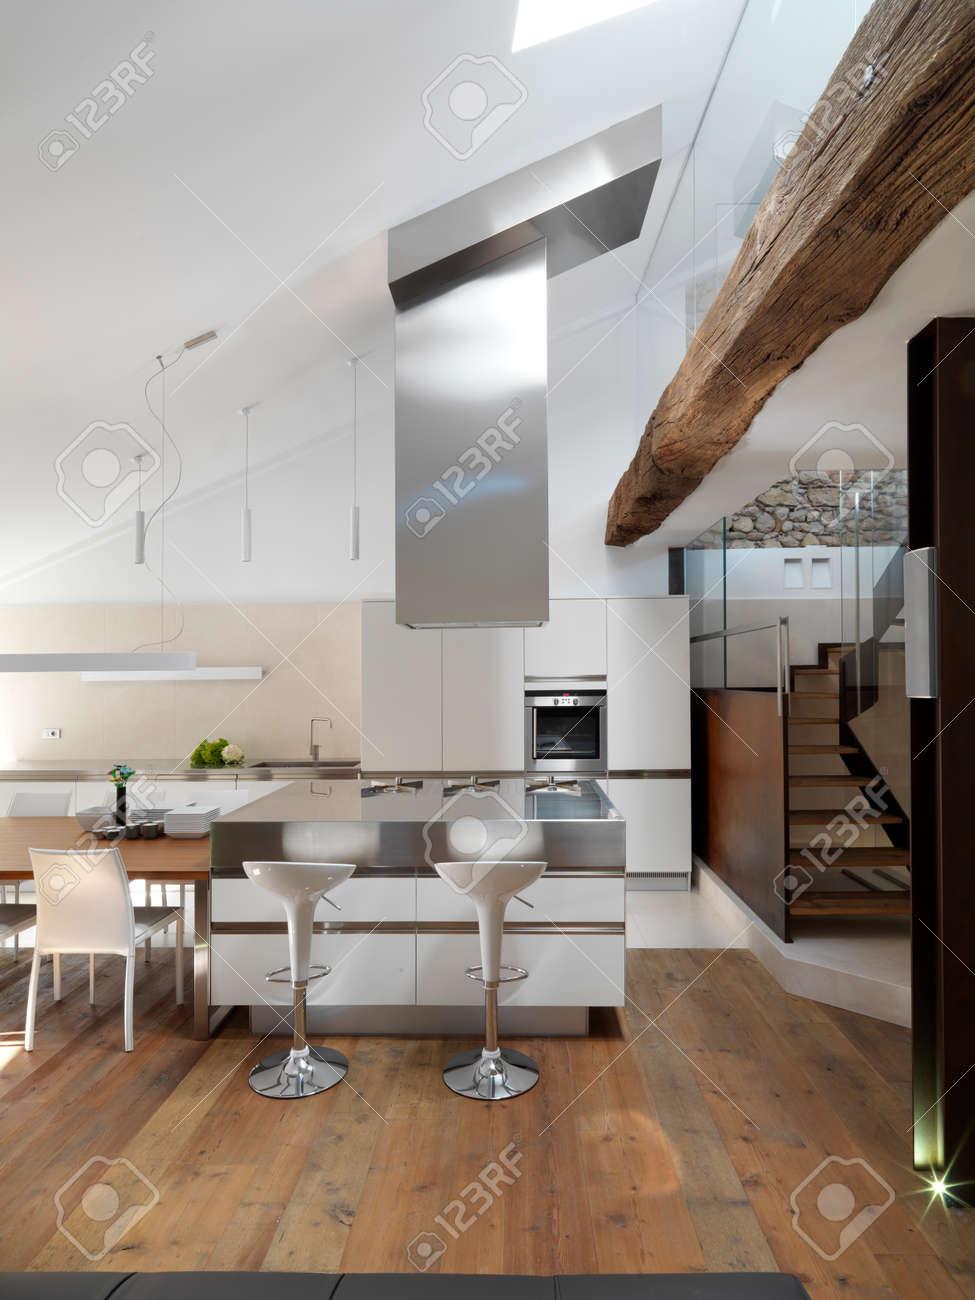 Cucina Moderna Con Dispensa Ad Angolo : Cucina a legna nordica ...